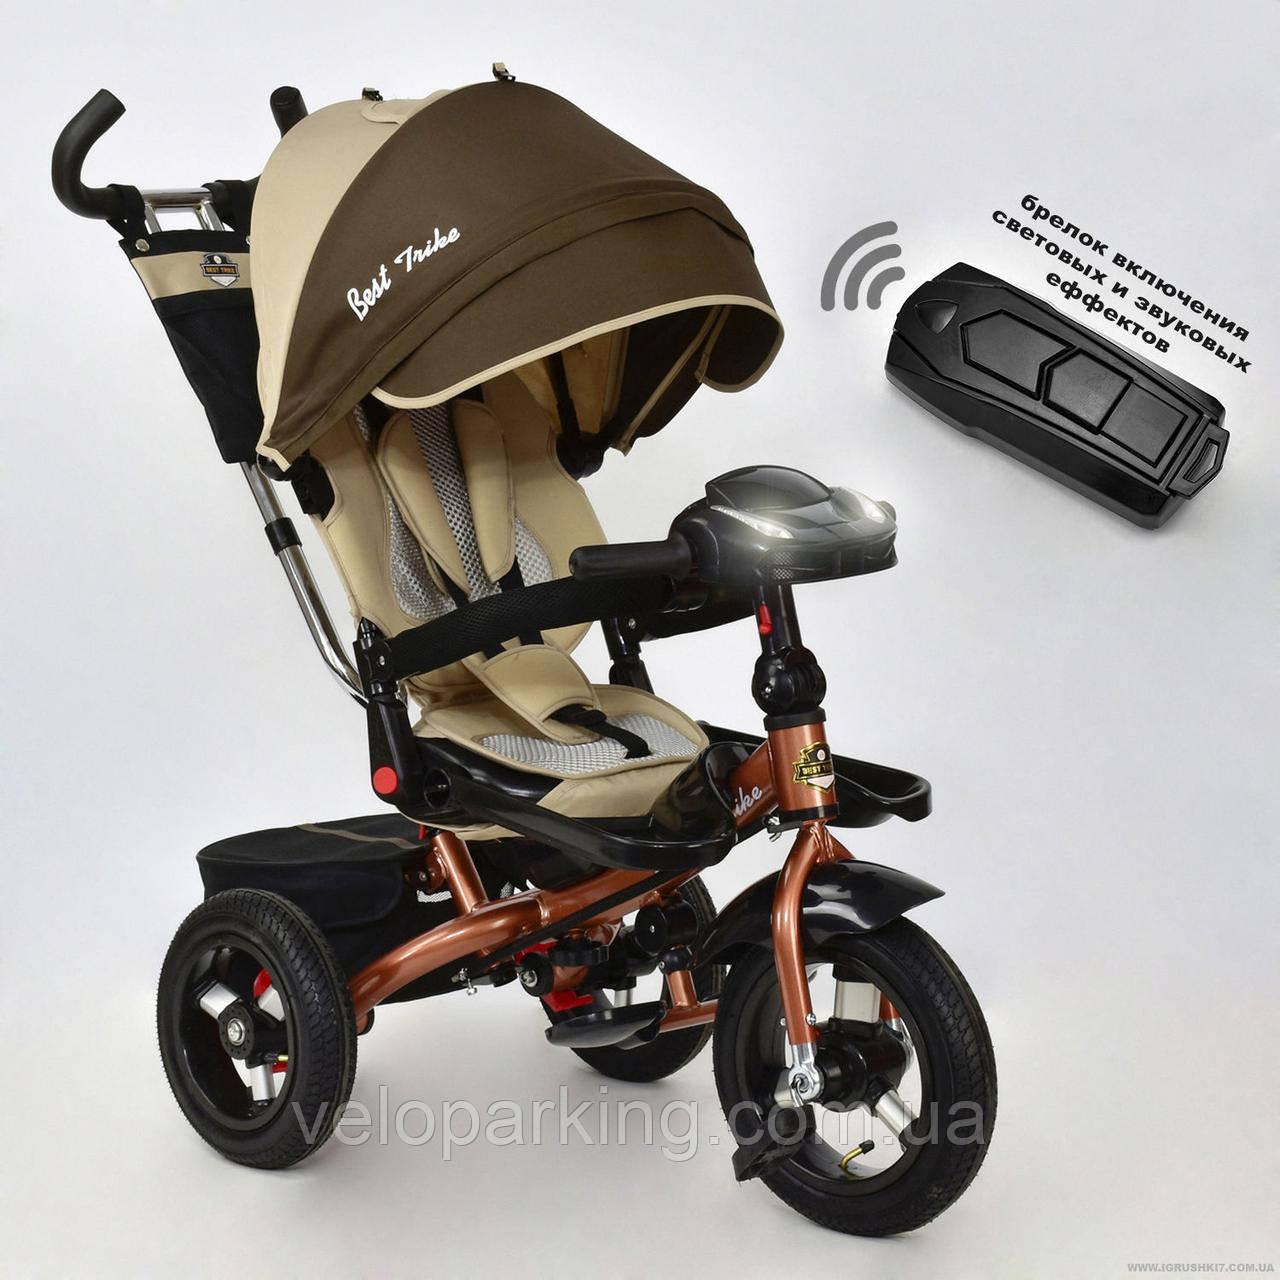 Трехколесный детский велосипед Best Trike 6088 F (2018) (надувные колеса & фара & поворот & сладной руль)